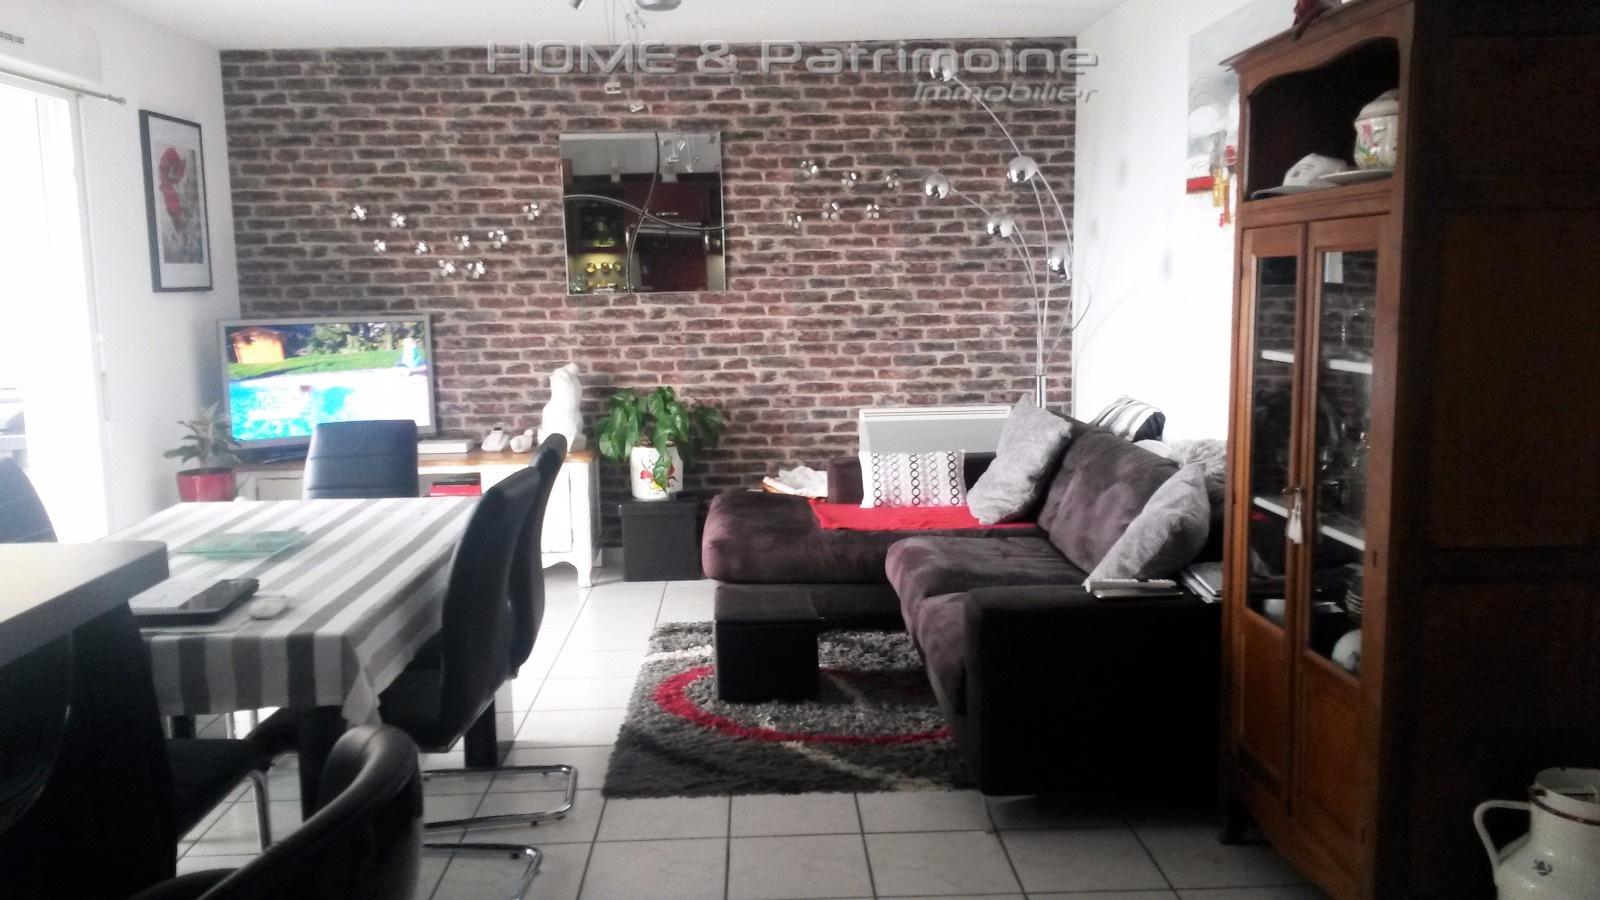 vente immobilier thonon les bains sciez douvaine et environs appartements maisons etc. Black Bedroom Furniture Sets. Home Design Ideas